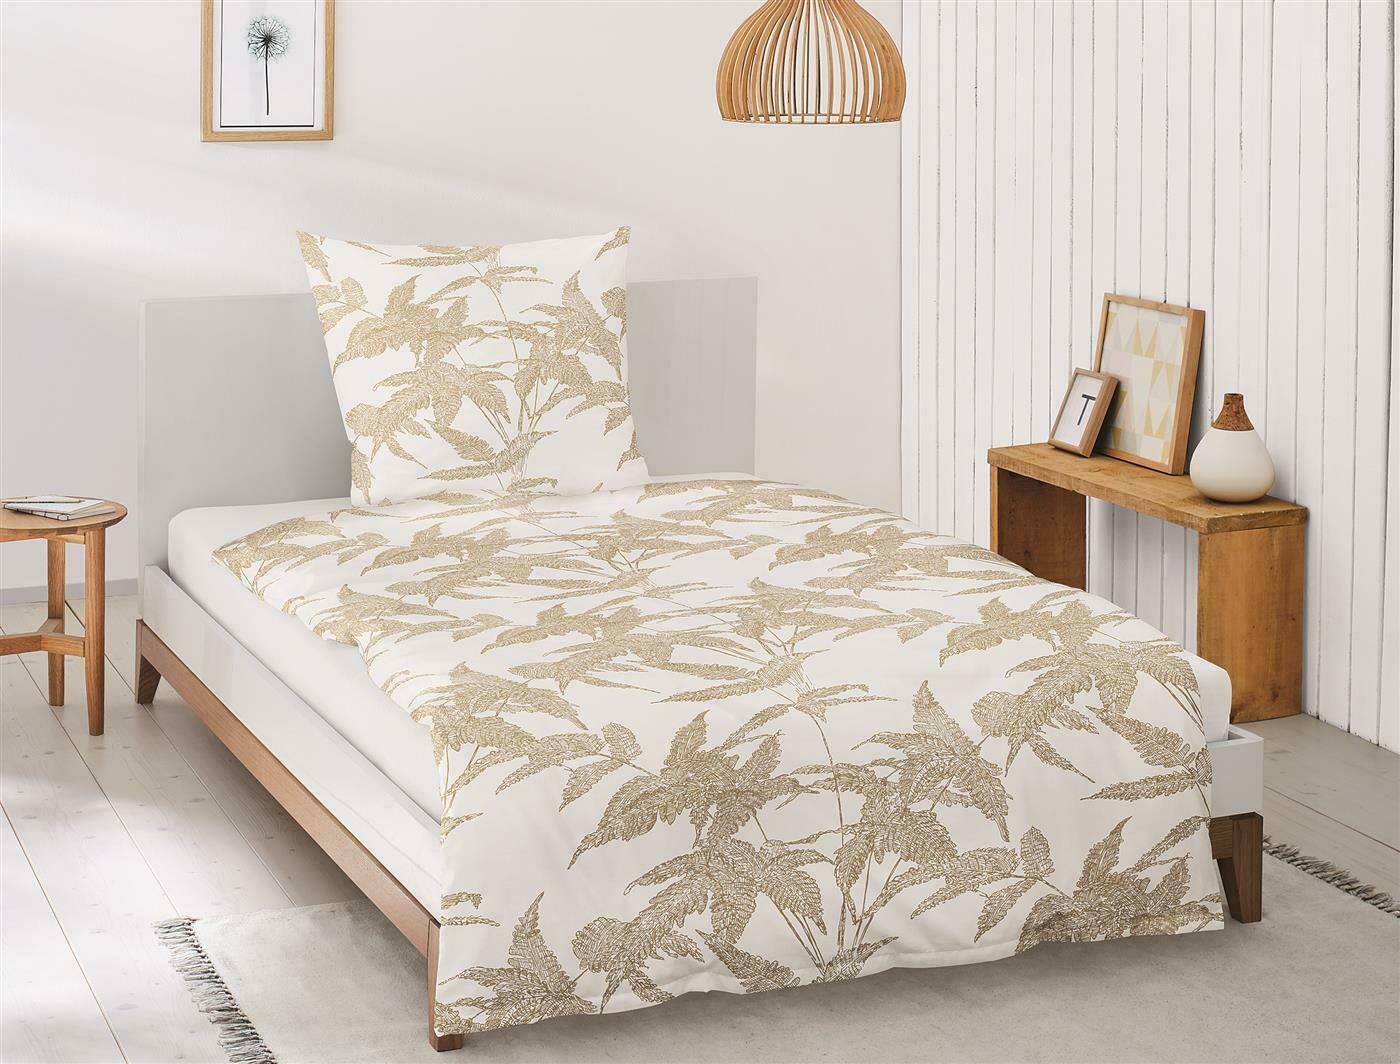 Irisette Mako Satin Bettwäsche 2 teilig Bettbezug 135 x 200 cm Eos 8009-40 Gold | Modisch